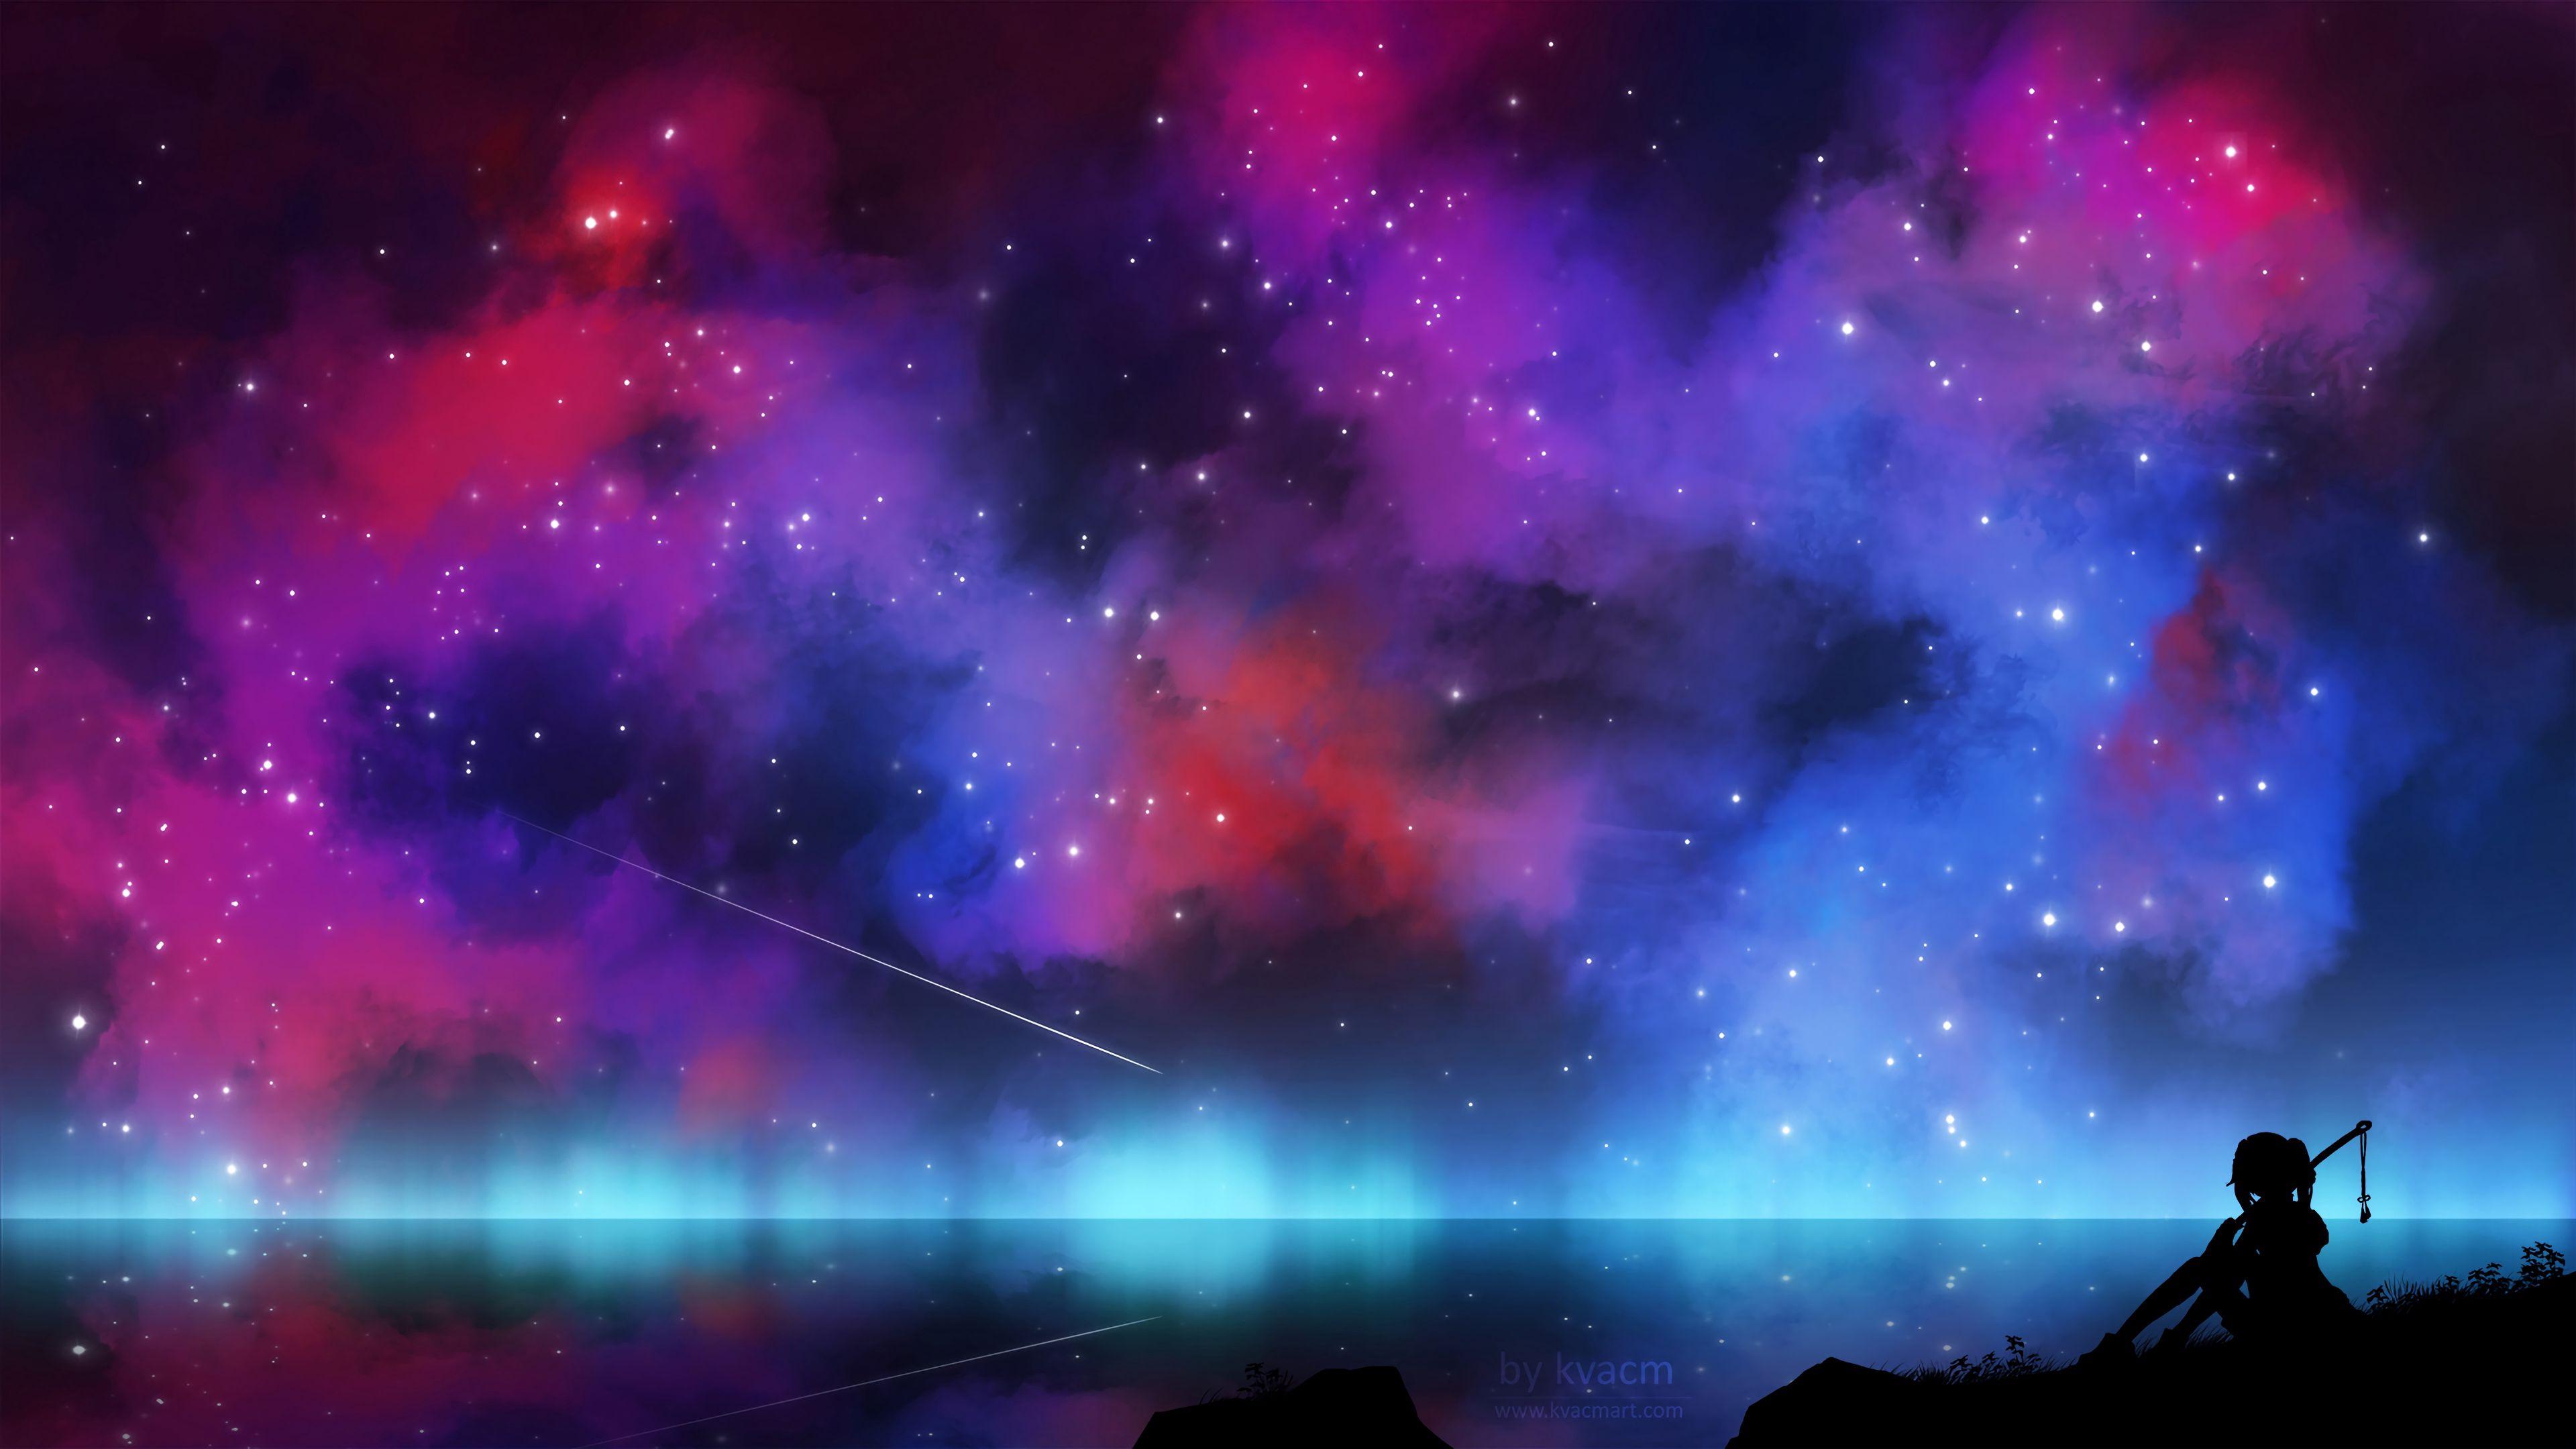 113857 скачать обои Темные, Силуэт, Ночь, Сияние, Арт, Звезды - заставки и картинки бесплатно